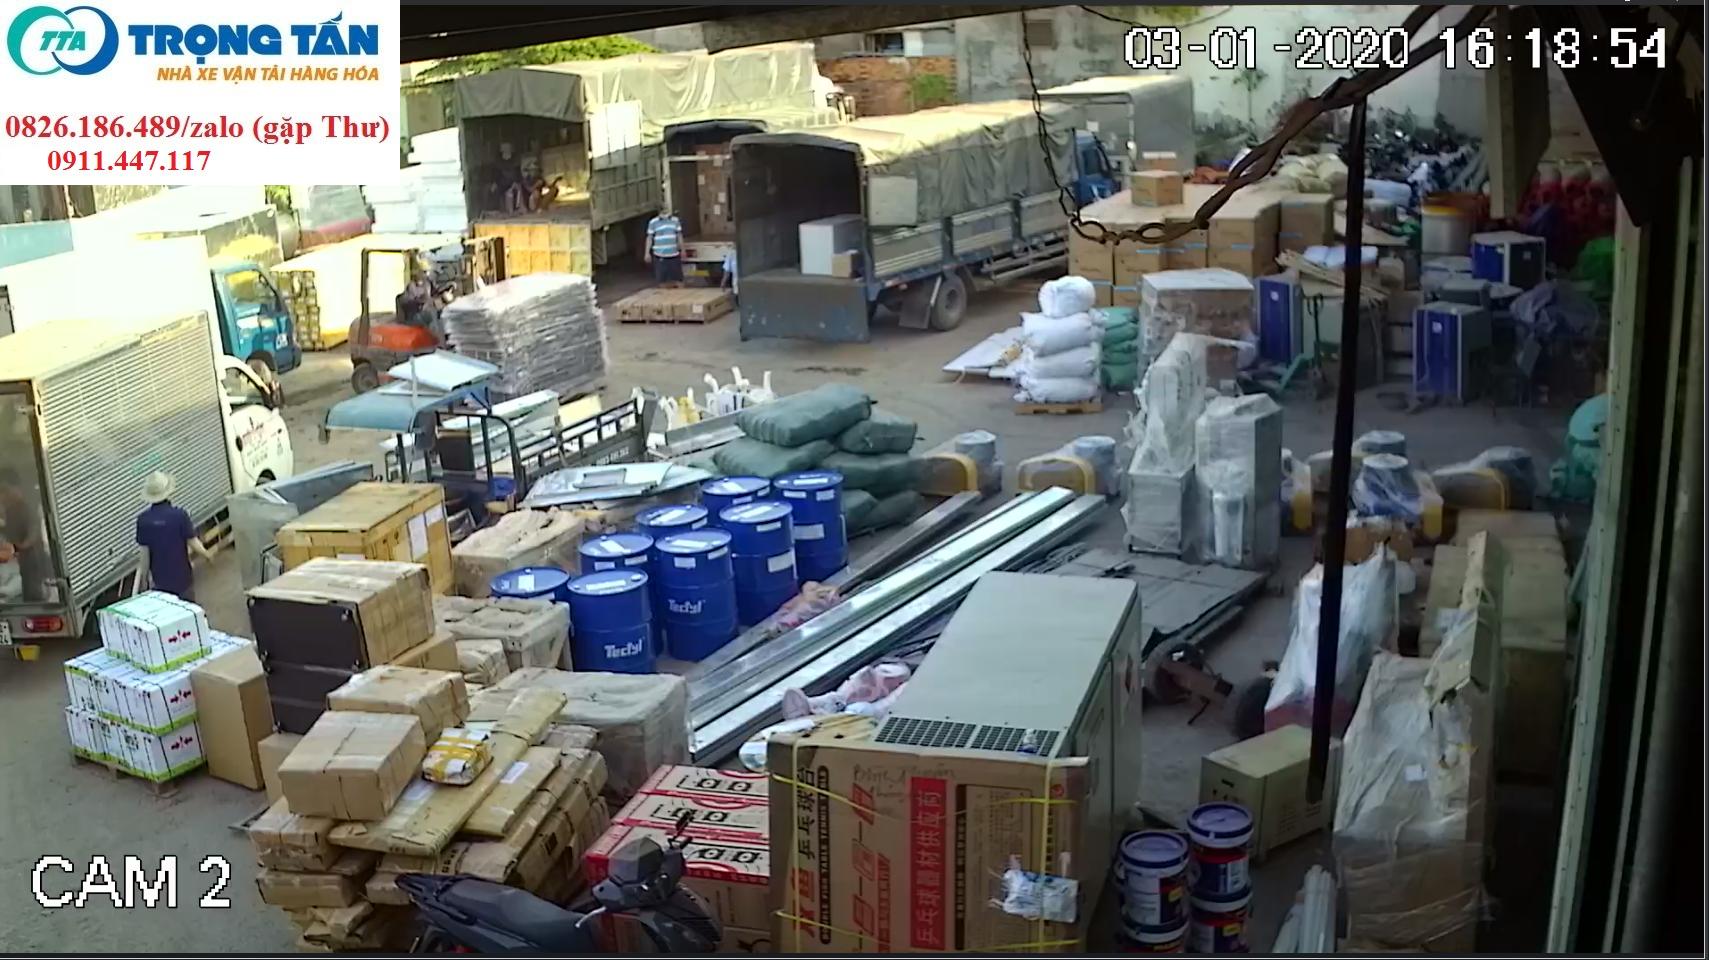 Nhận vận chuyển mọi mặt hàng từ Sài Gòn ra Hà Nội